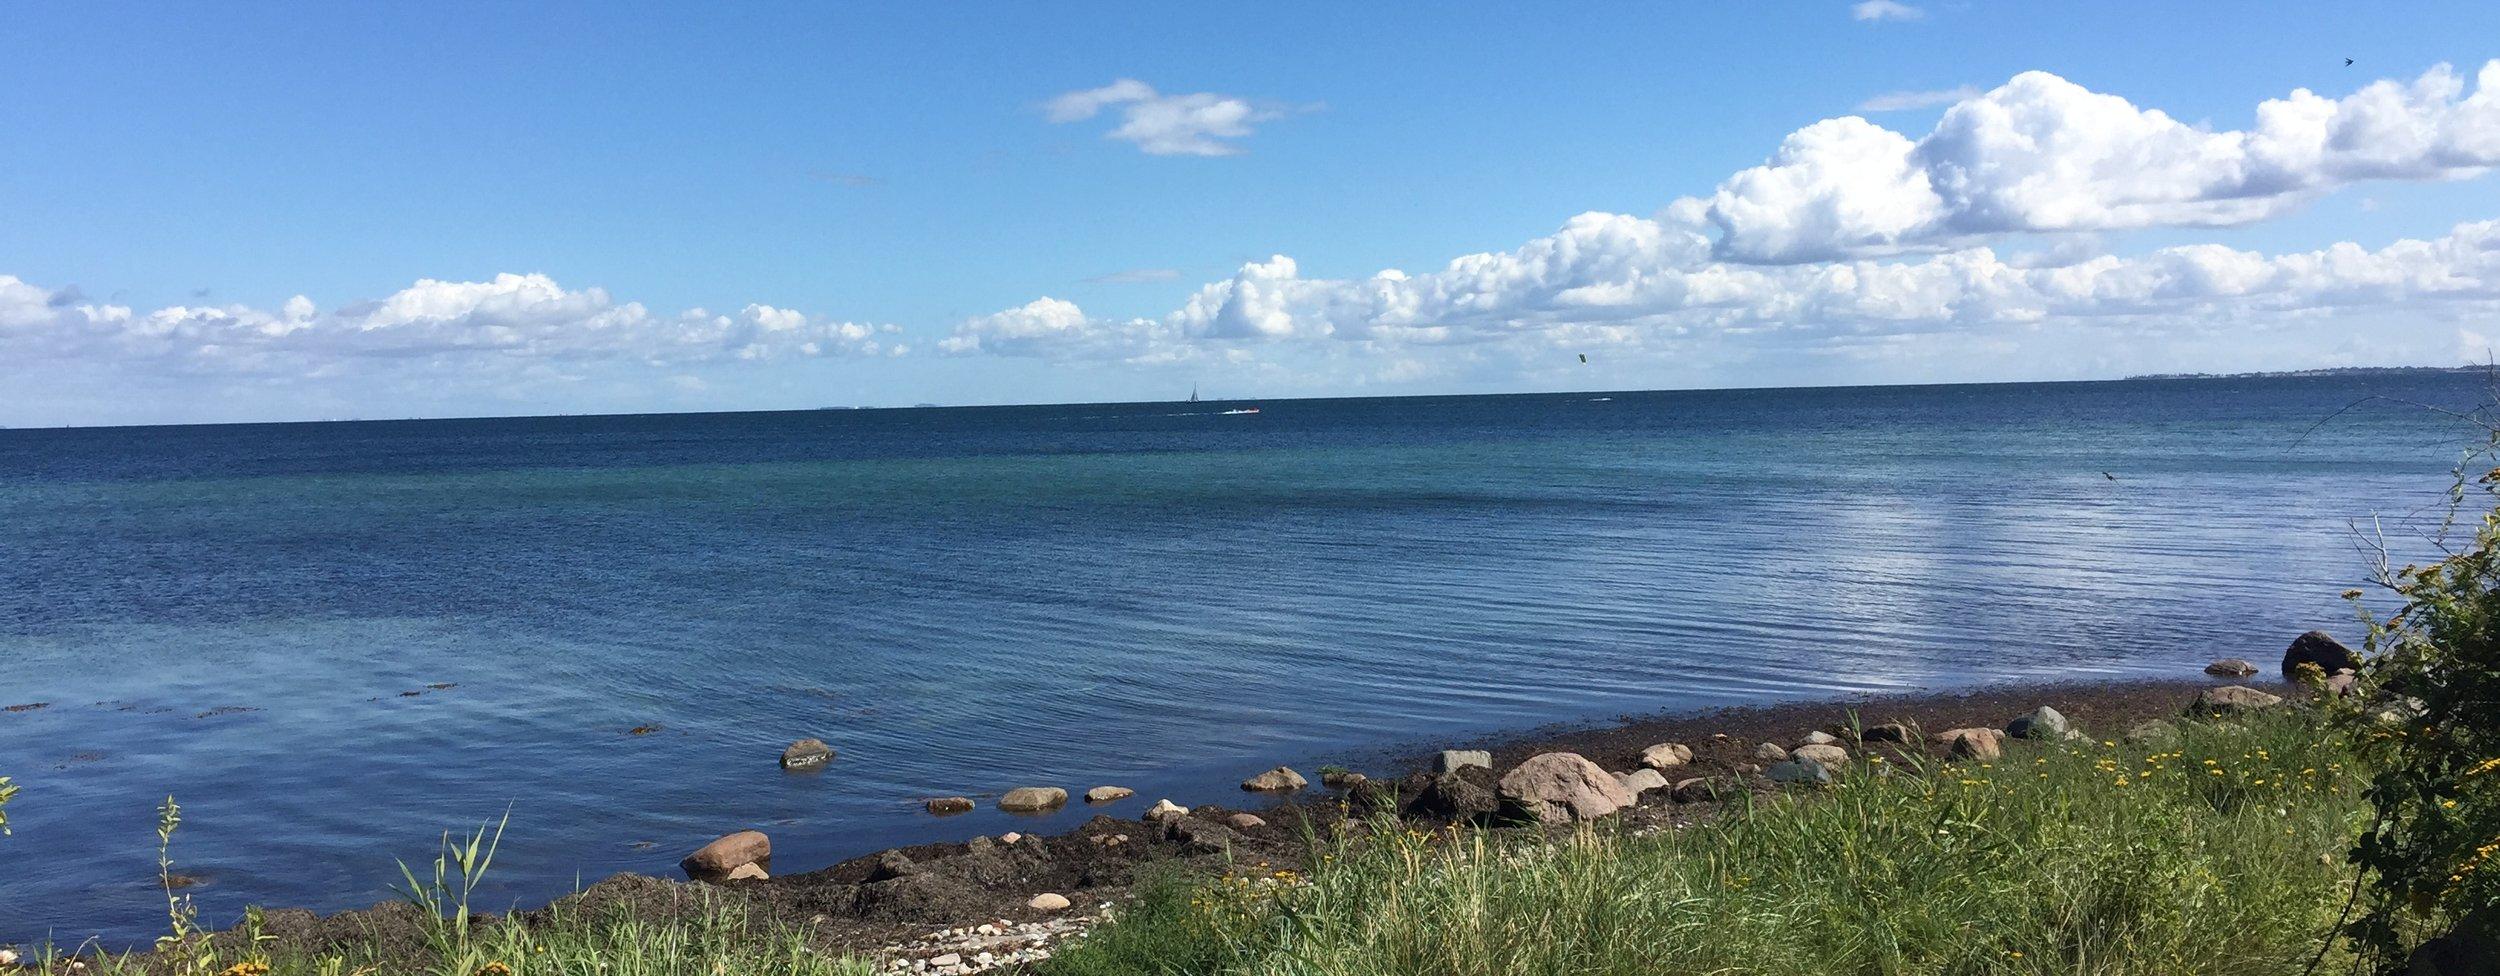 Dagsmøde på Vejrø med udsigt til mark og hav.jpg